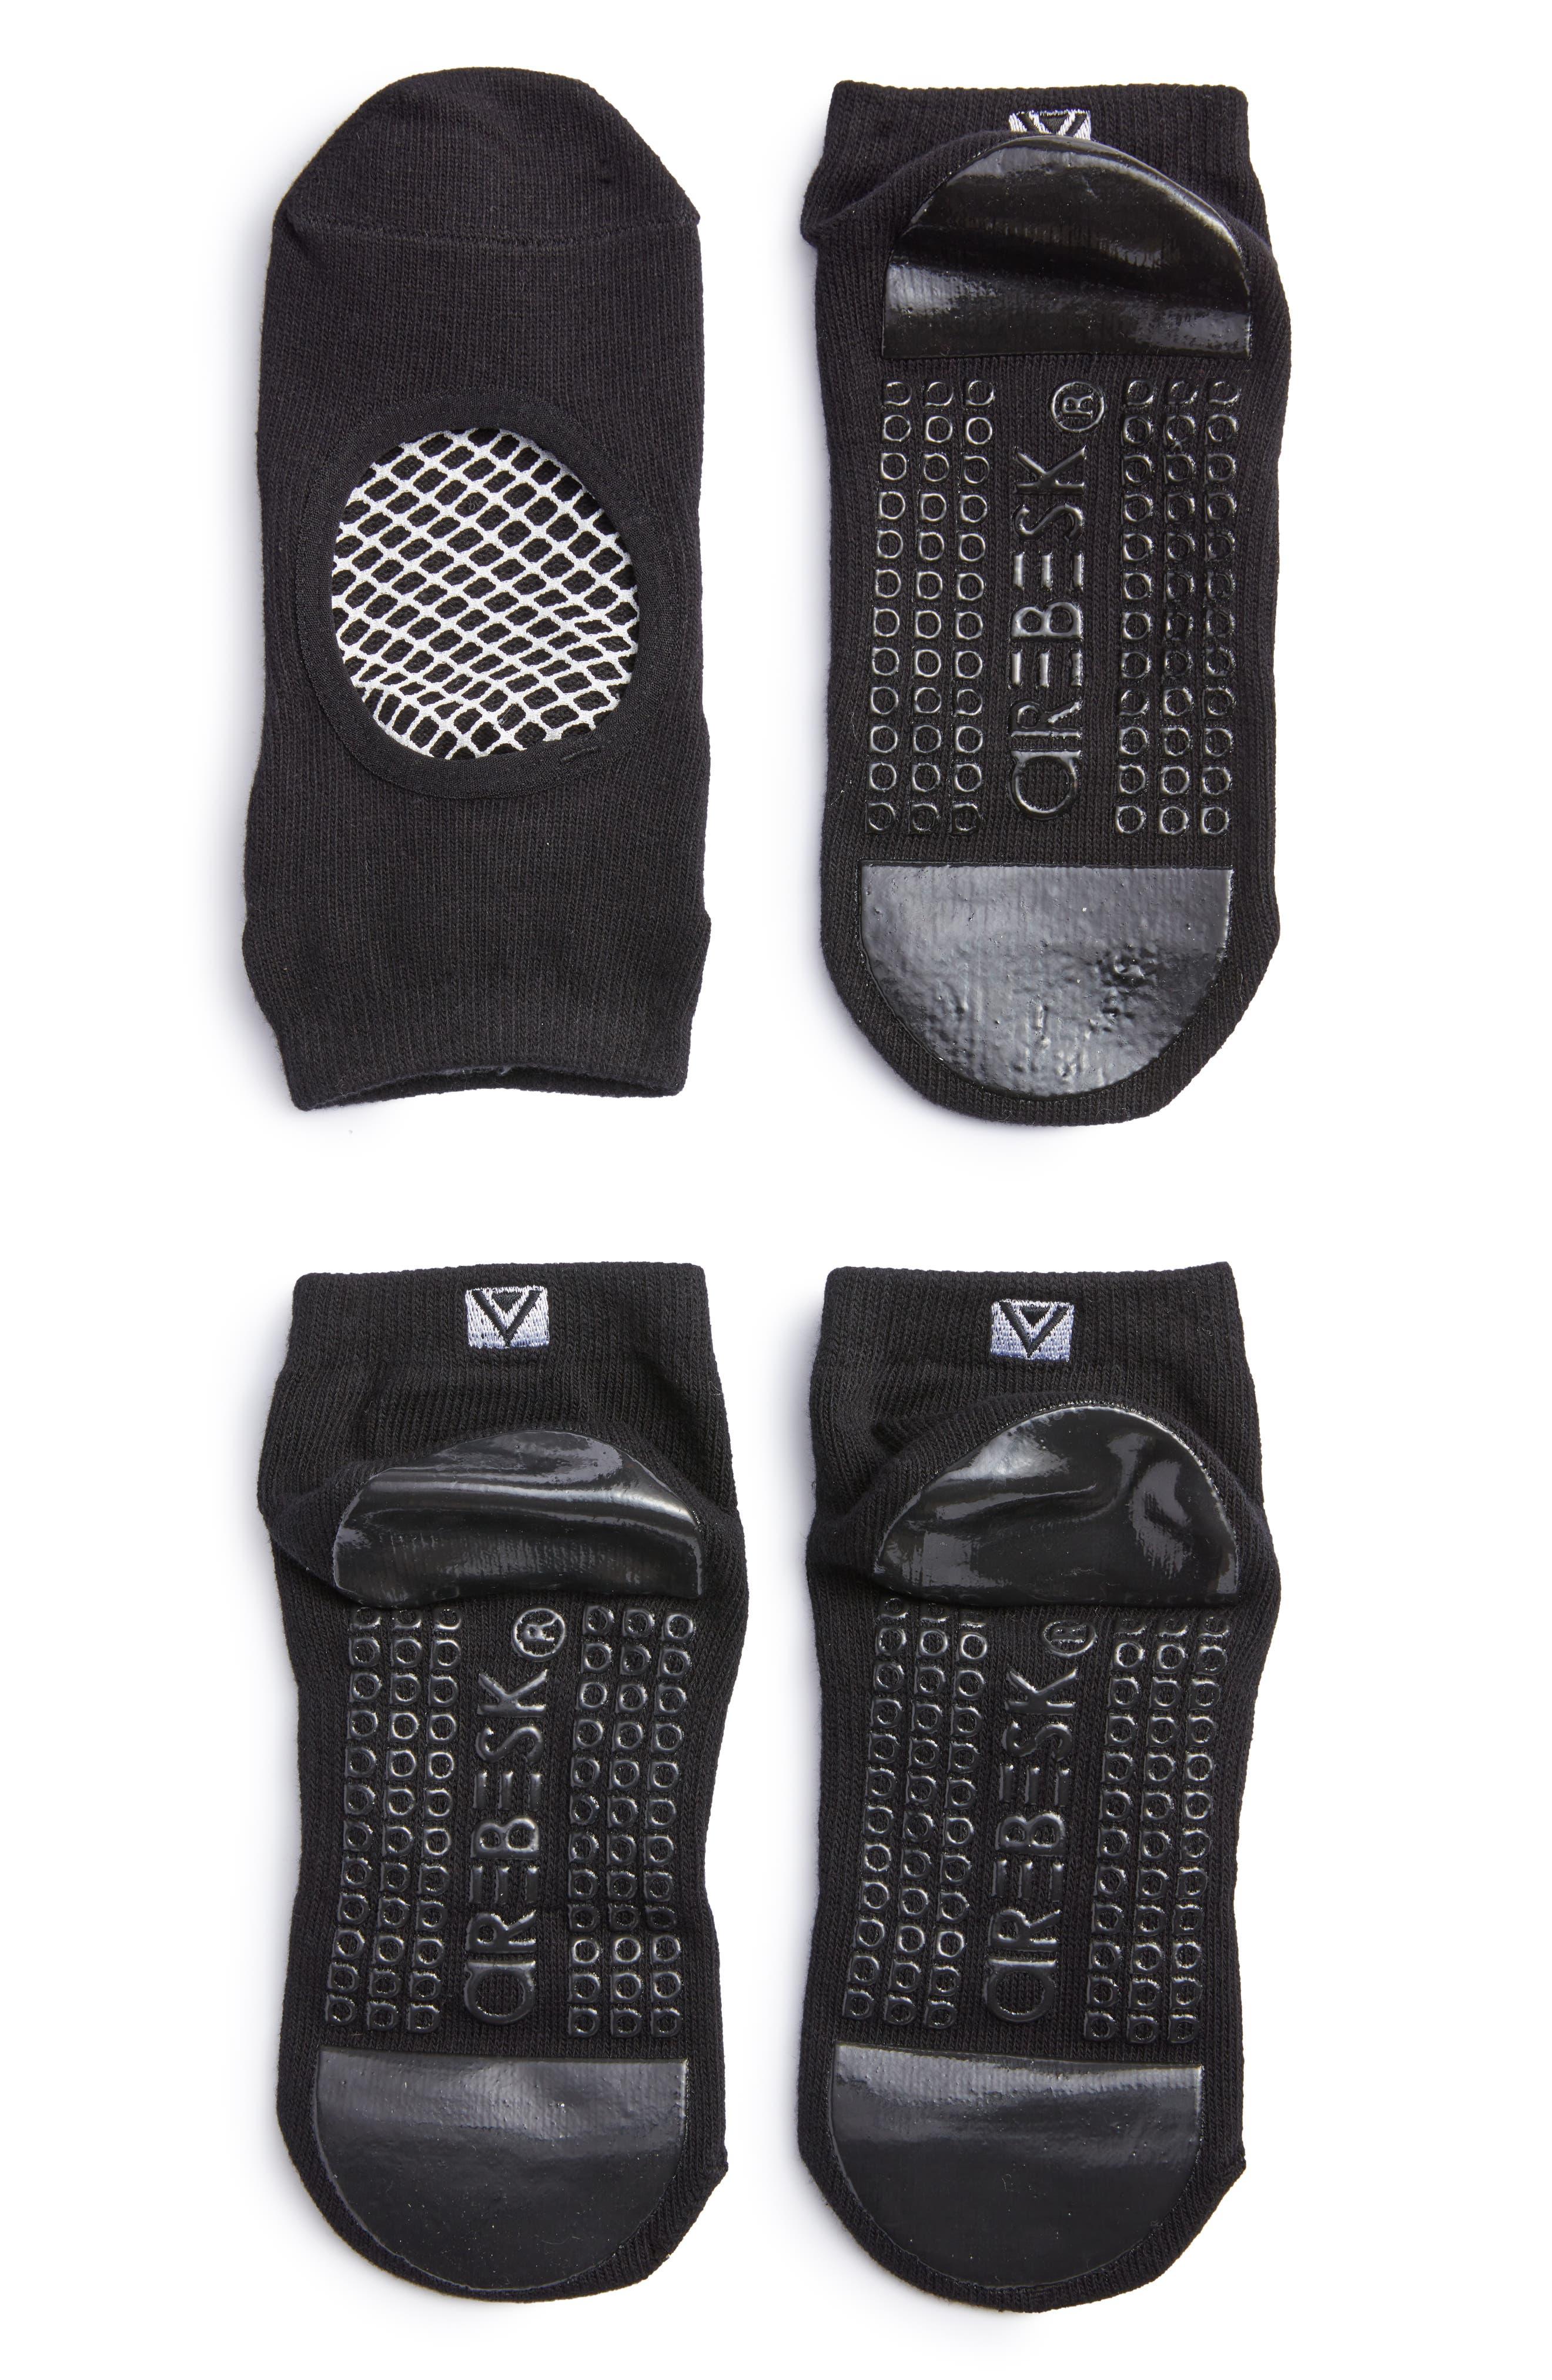 Phish Net 2-Pack No-Slip Socks